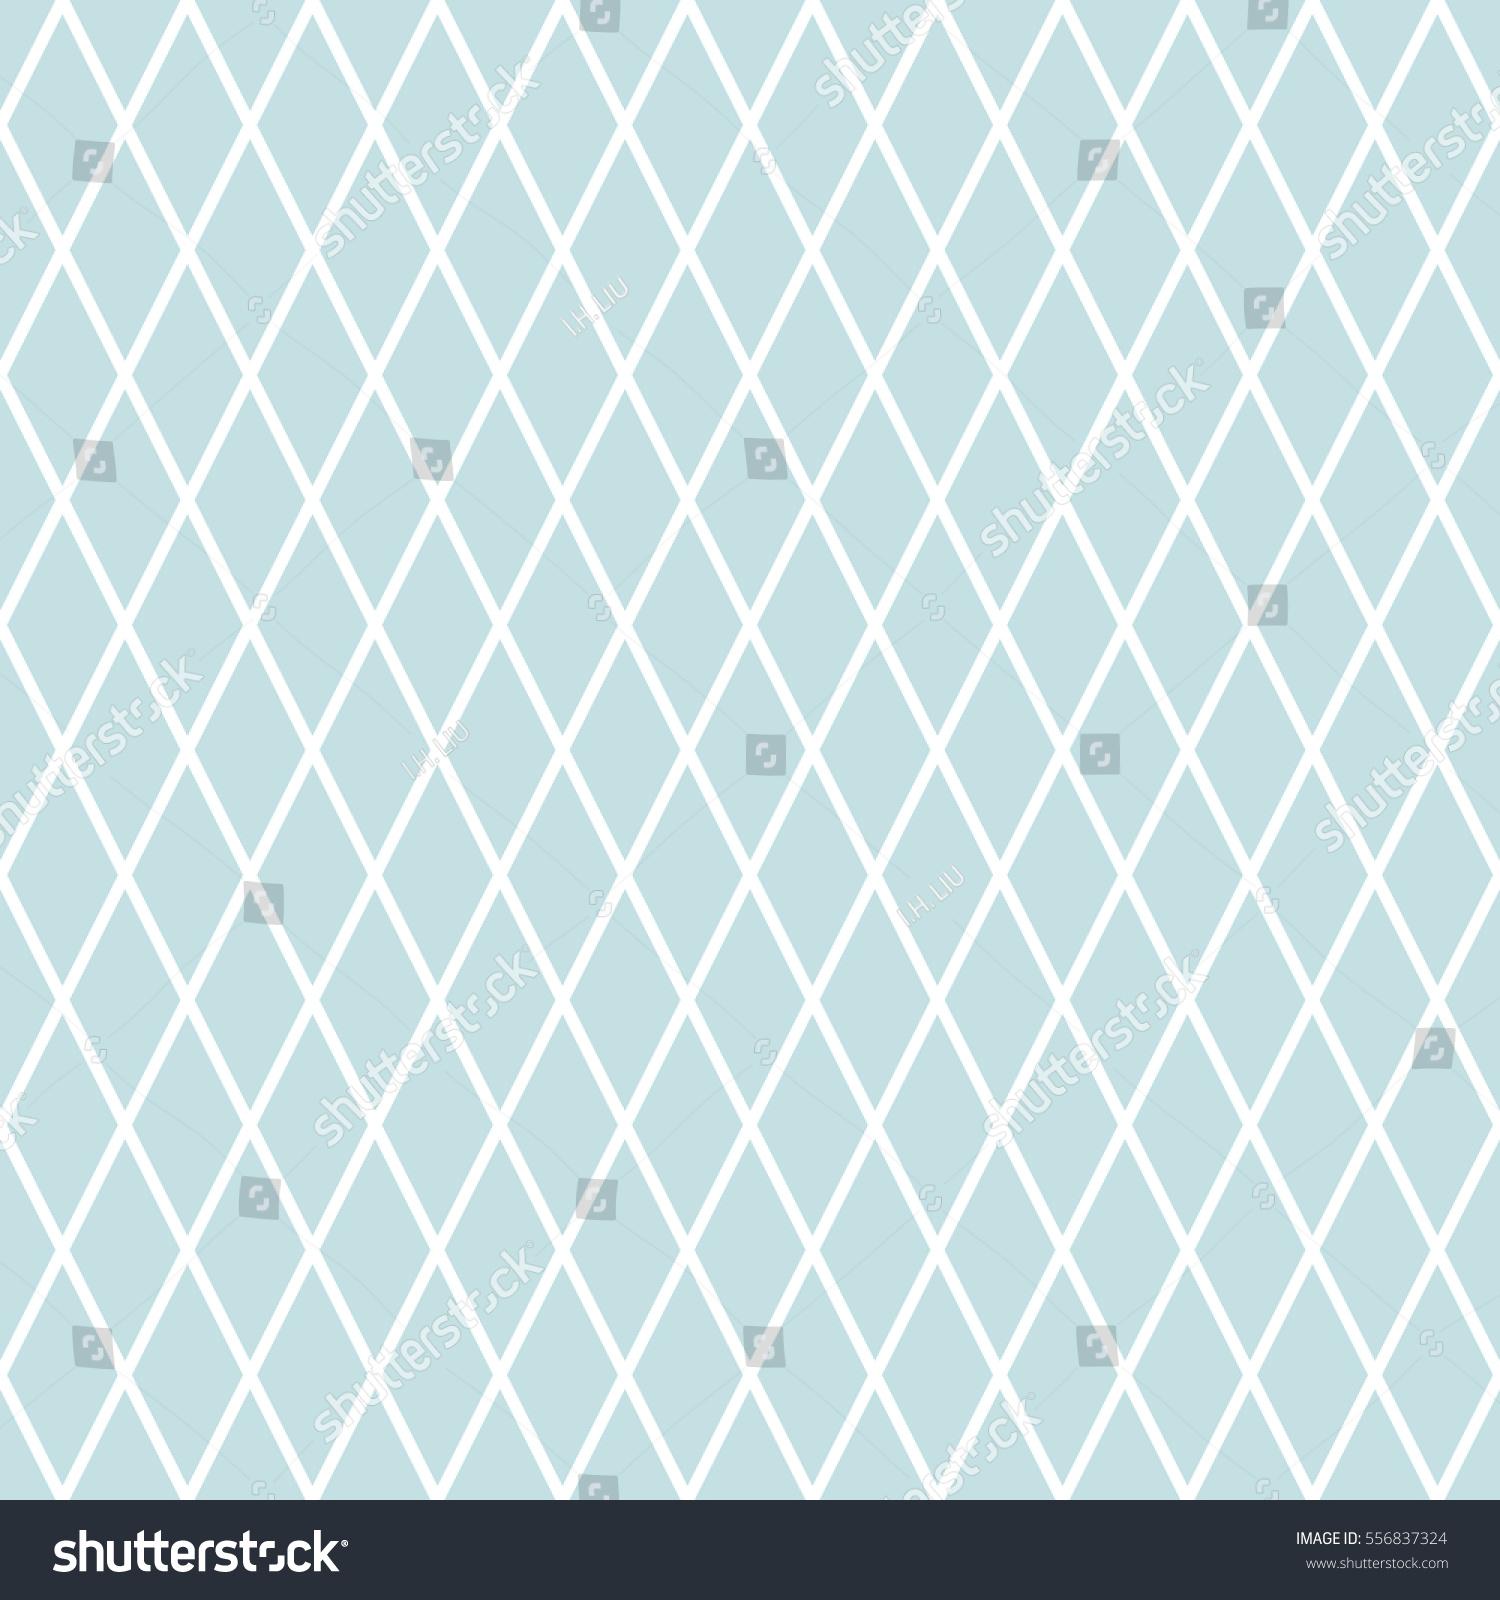 diamond background vector - photo #21